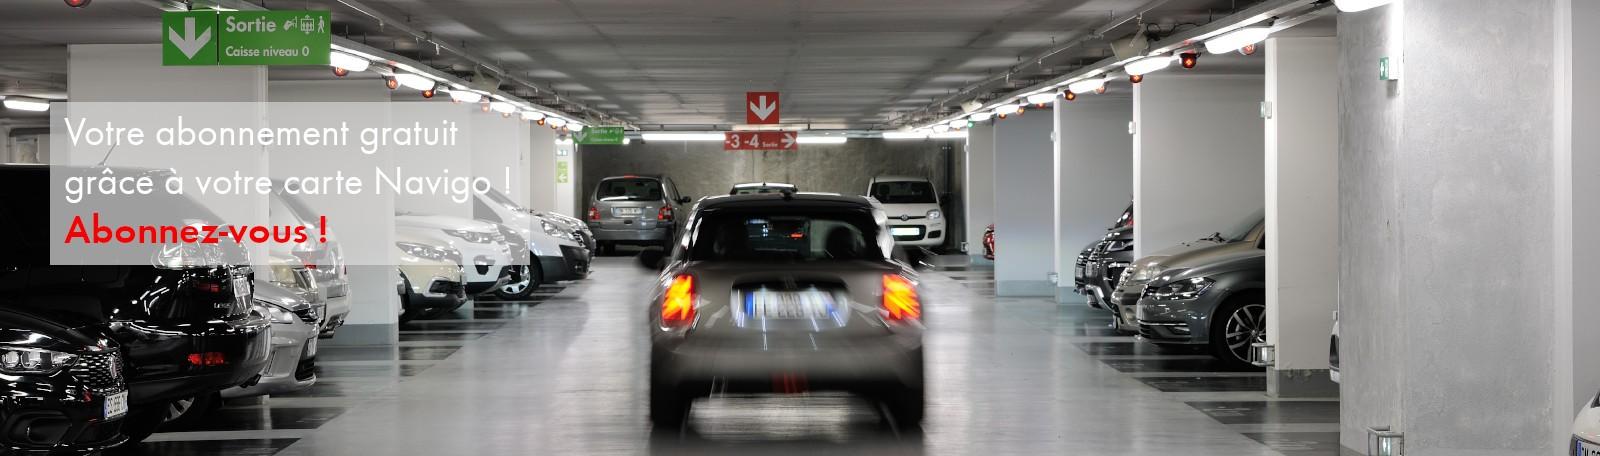 Des abonnements gratuits dans les parkings relais pour les détenteurs d'un abonnement Navigo